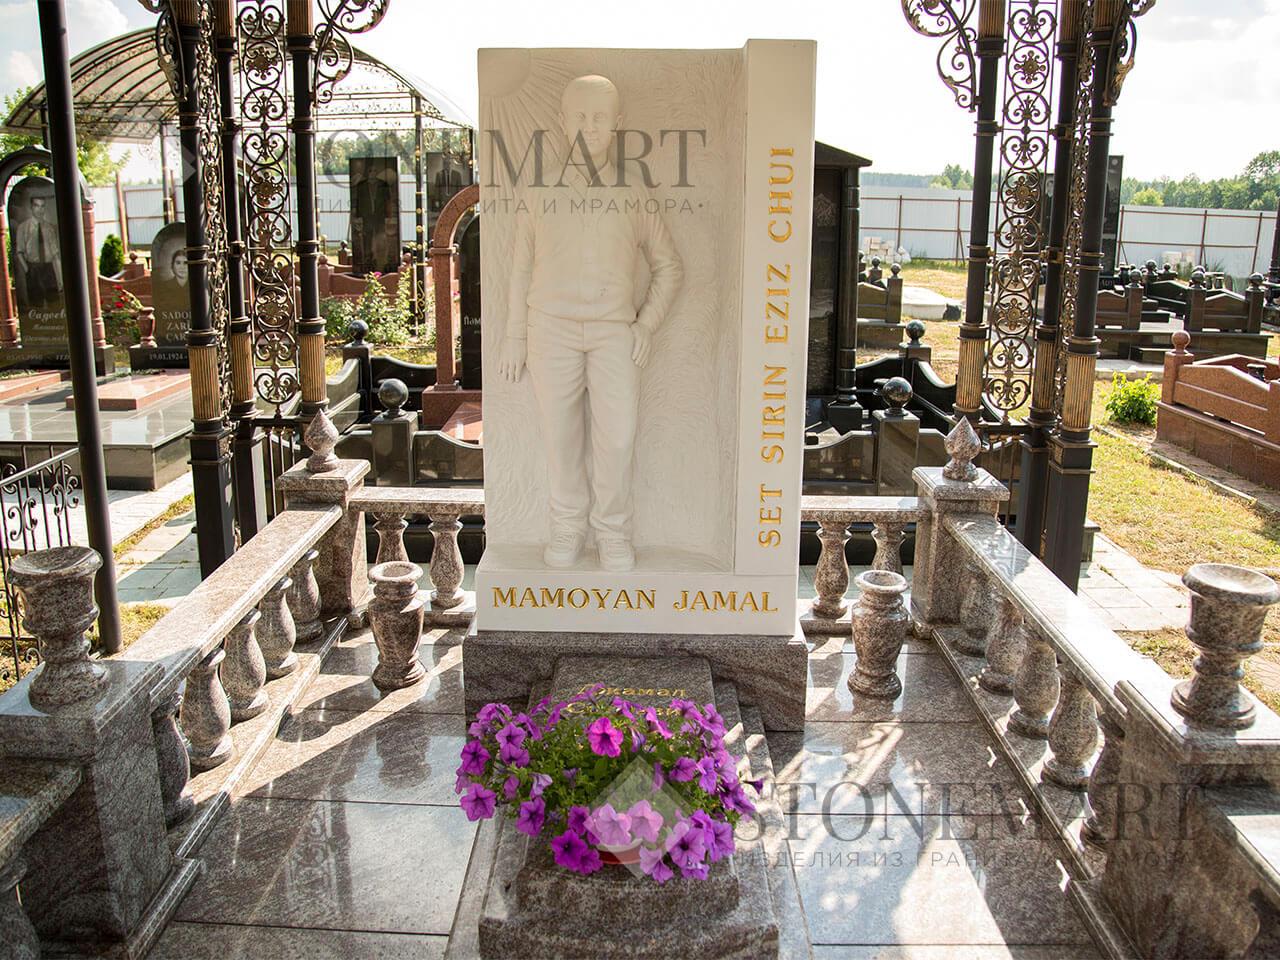 Памятник из гранита №1. Изготовлен мастерами компании Stonemart из украинского гранита и греческого мрамора.